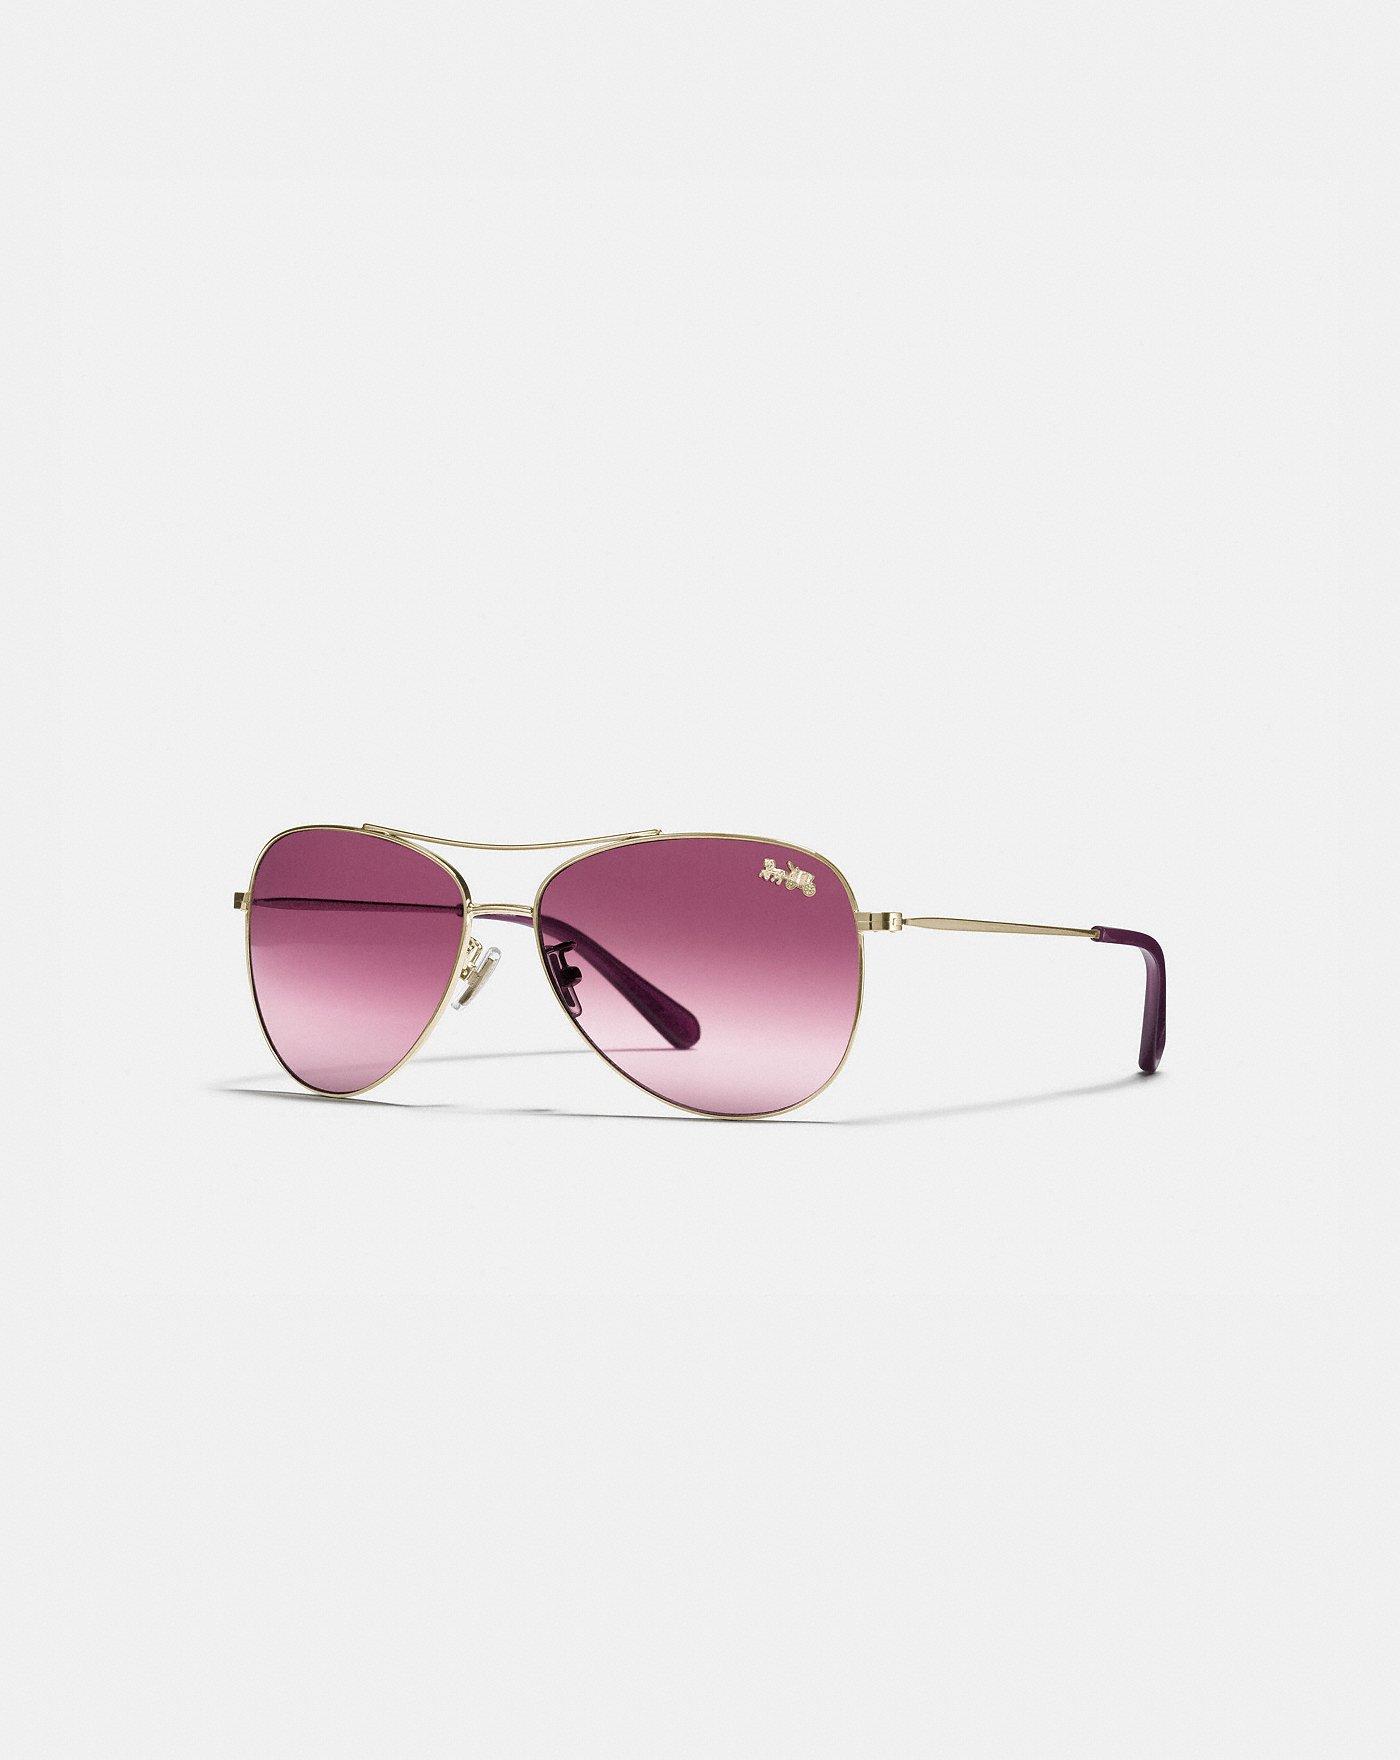 378ac42fa2db4 Thin Metal Pilot Sunglasses